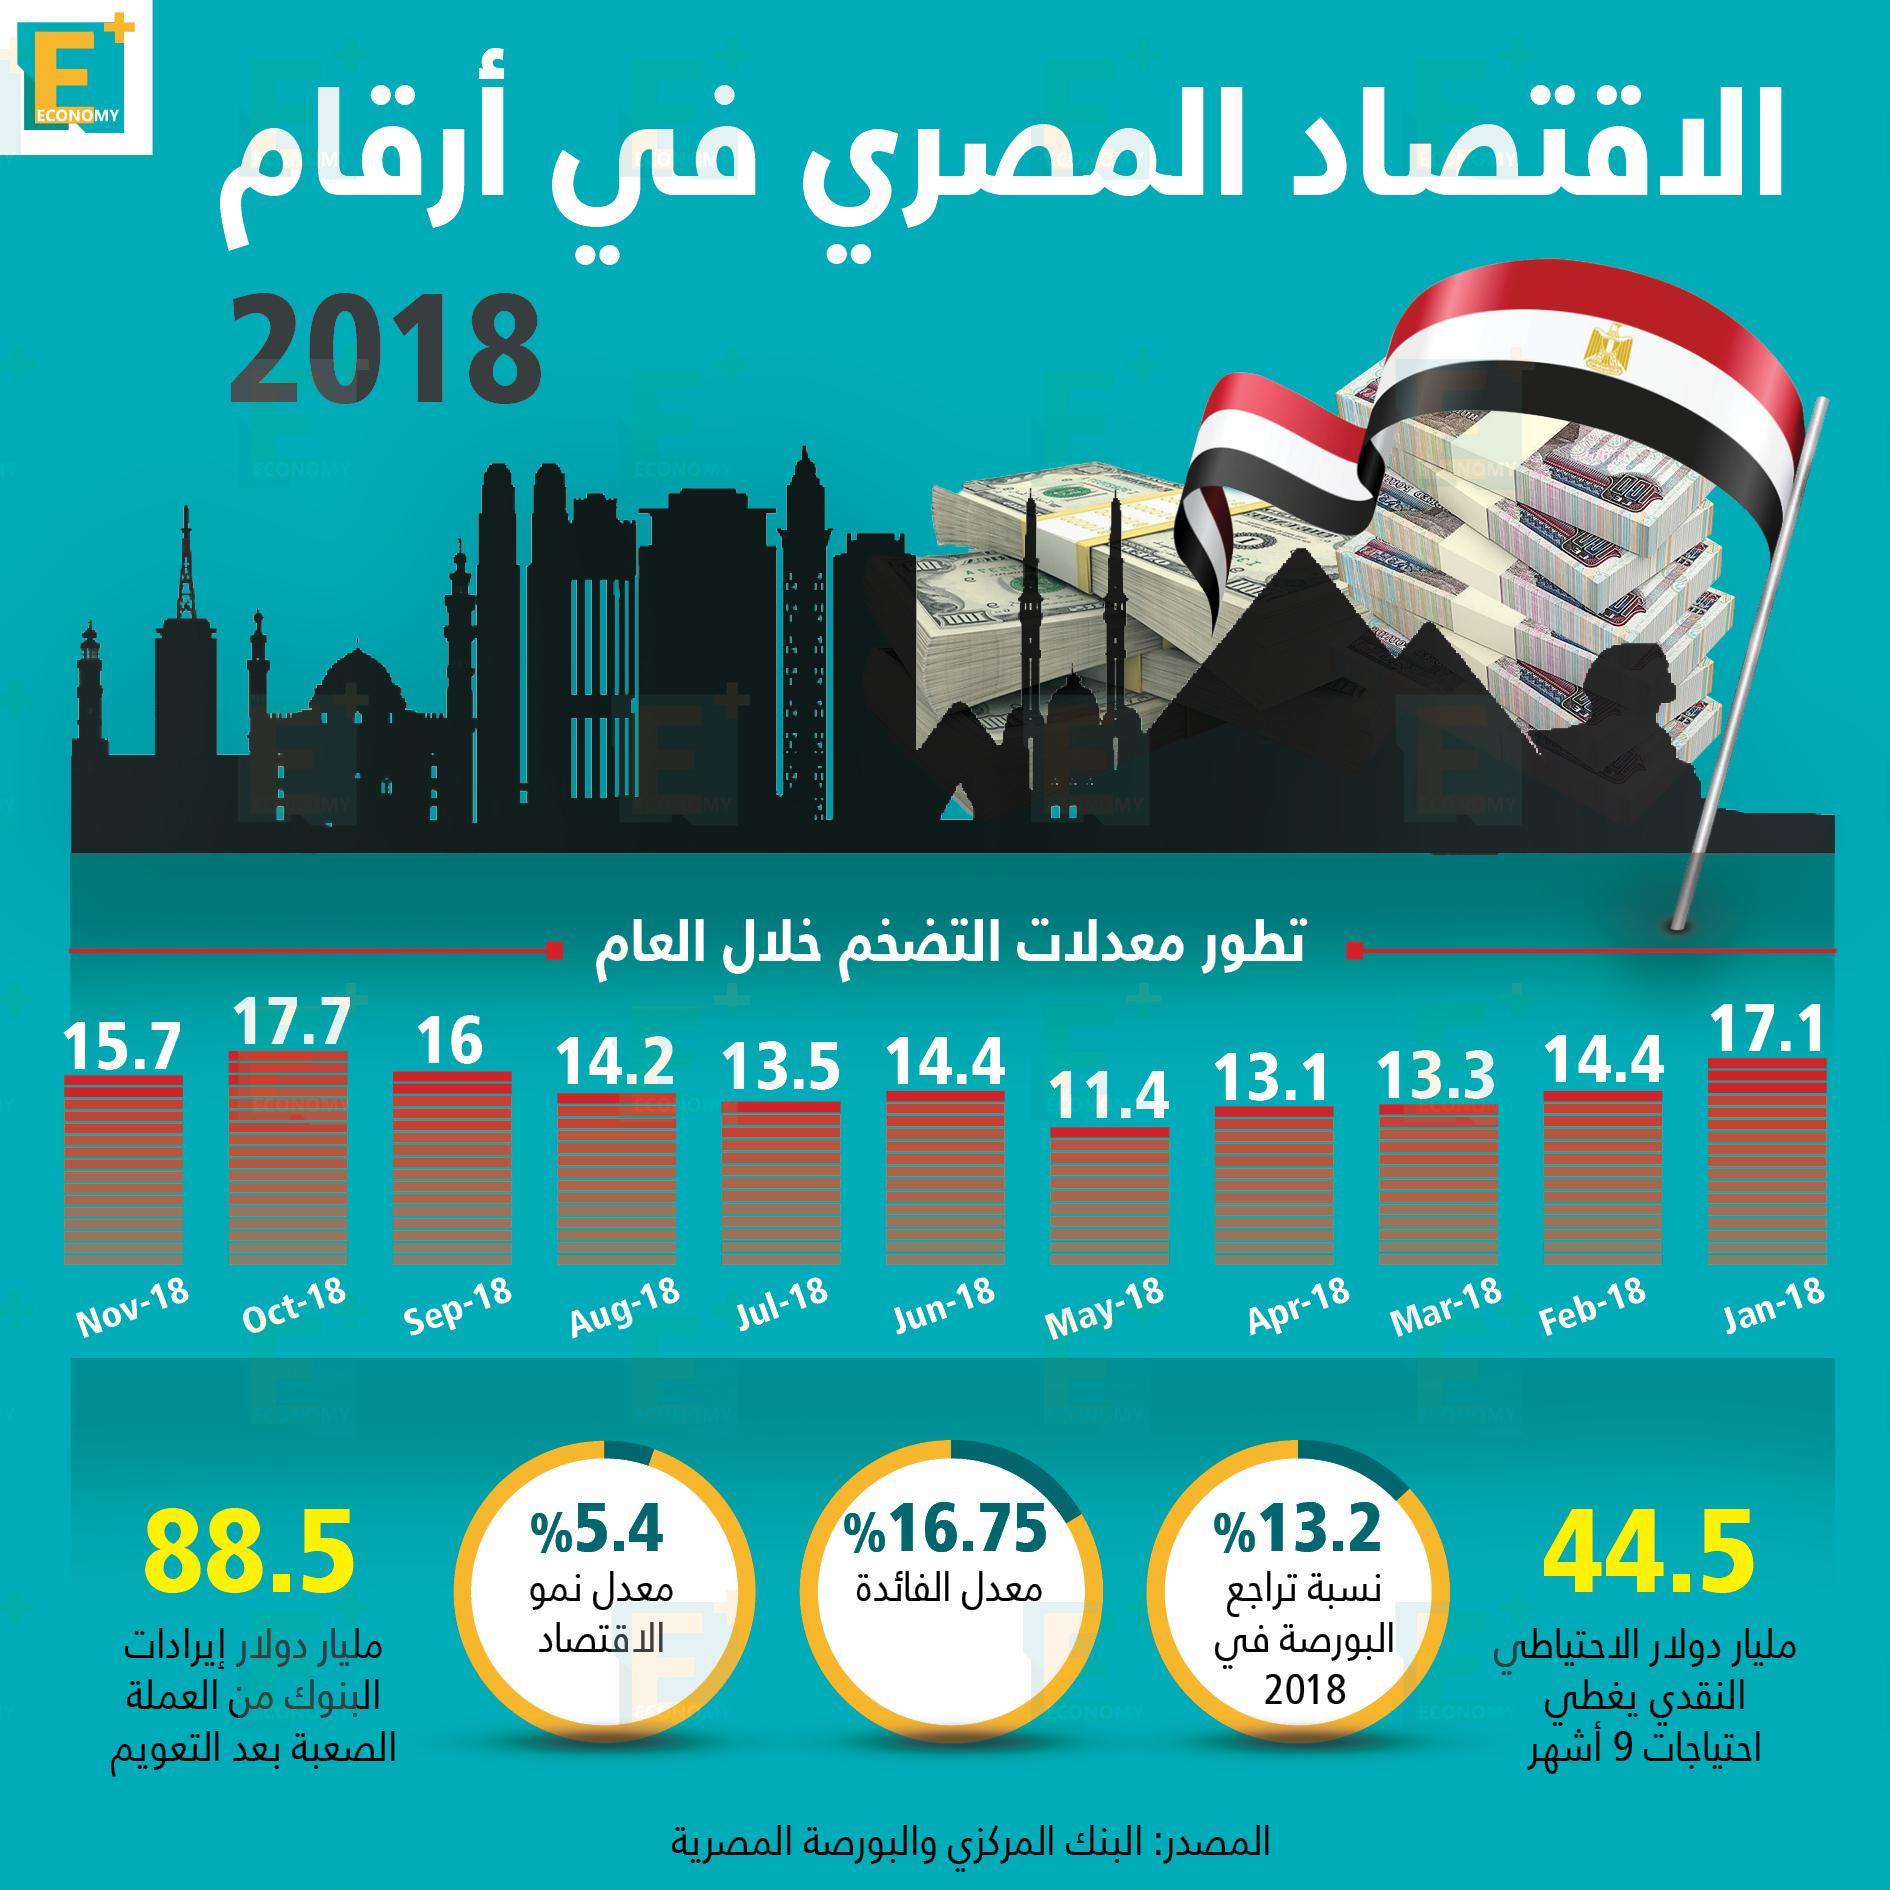 الاقتصاد المصري في 2018